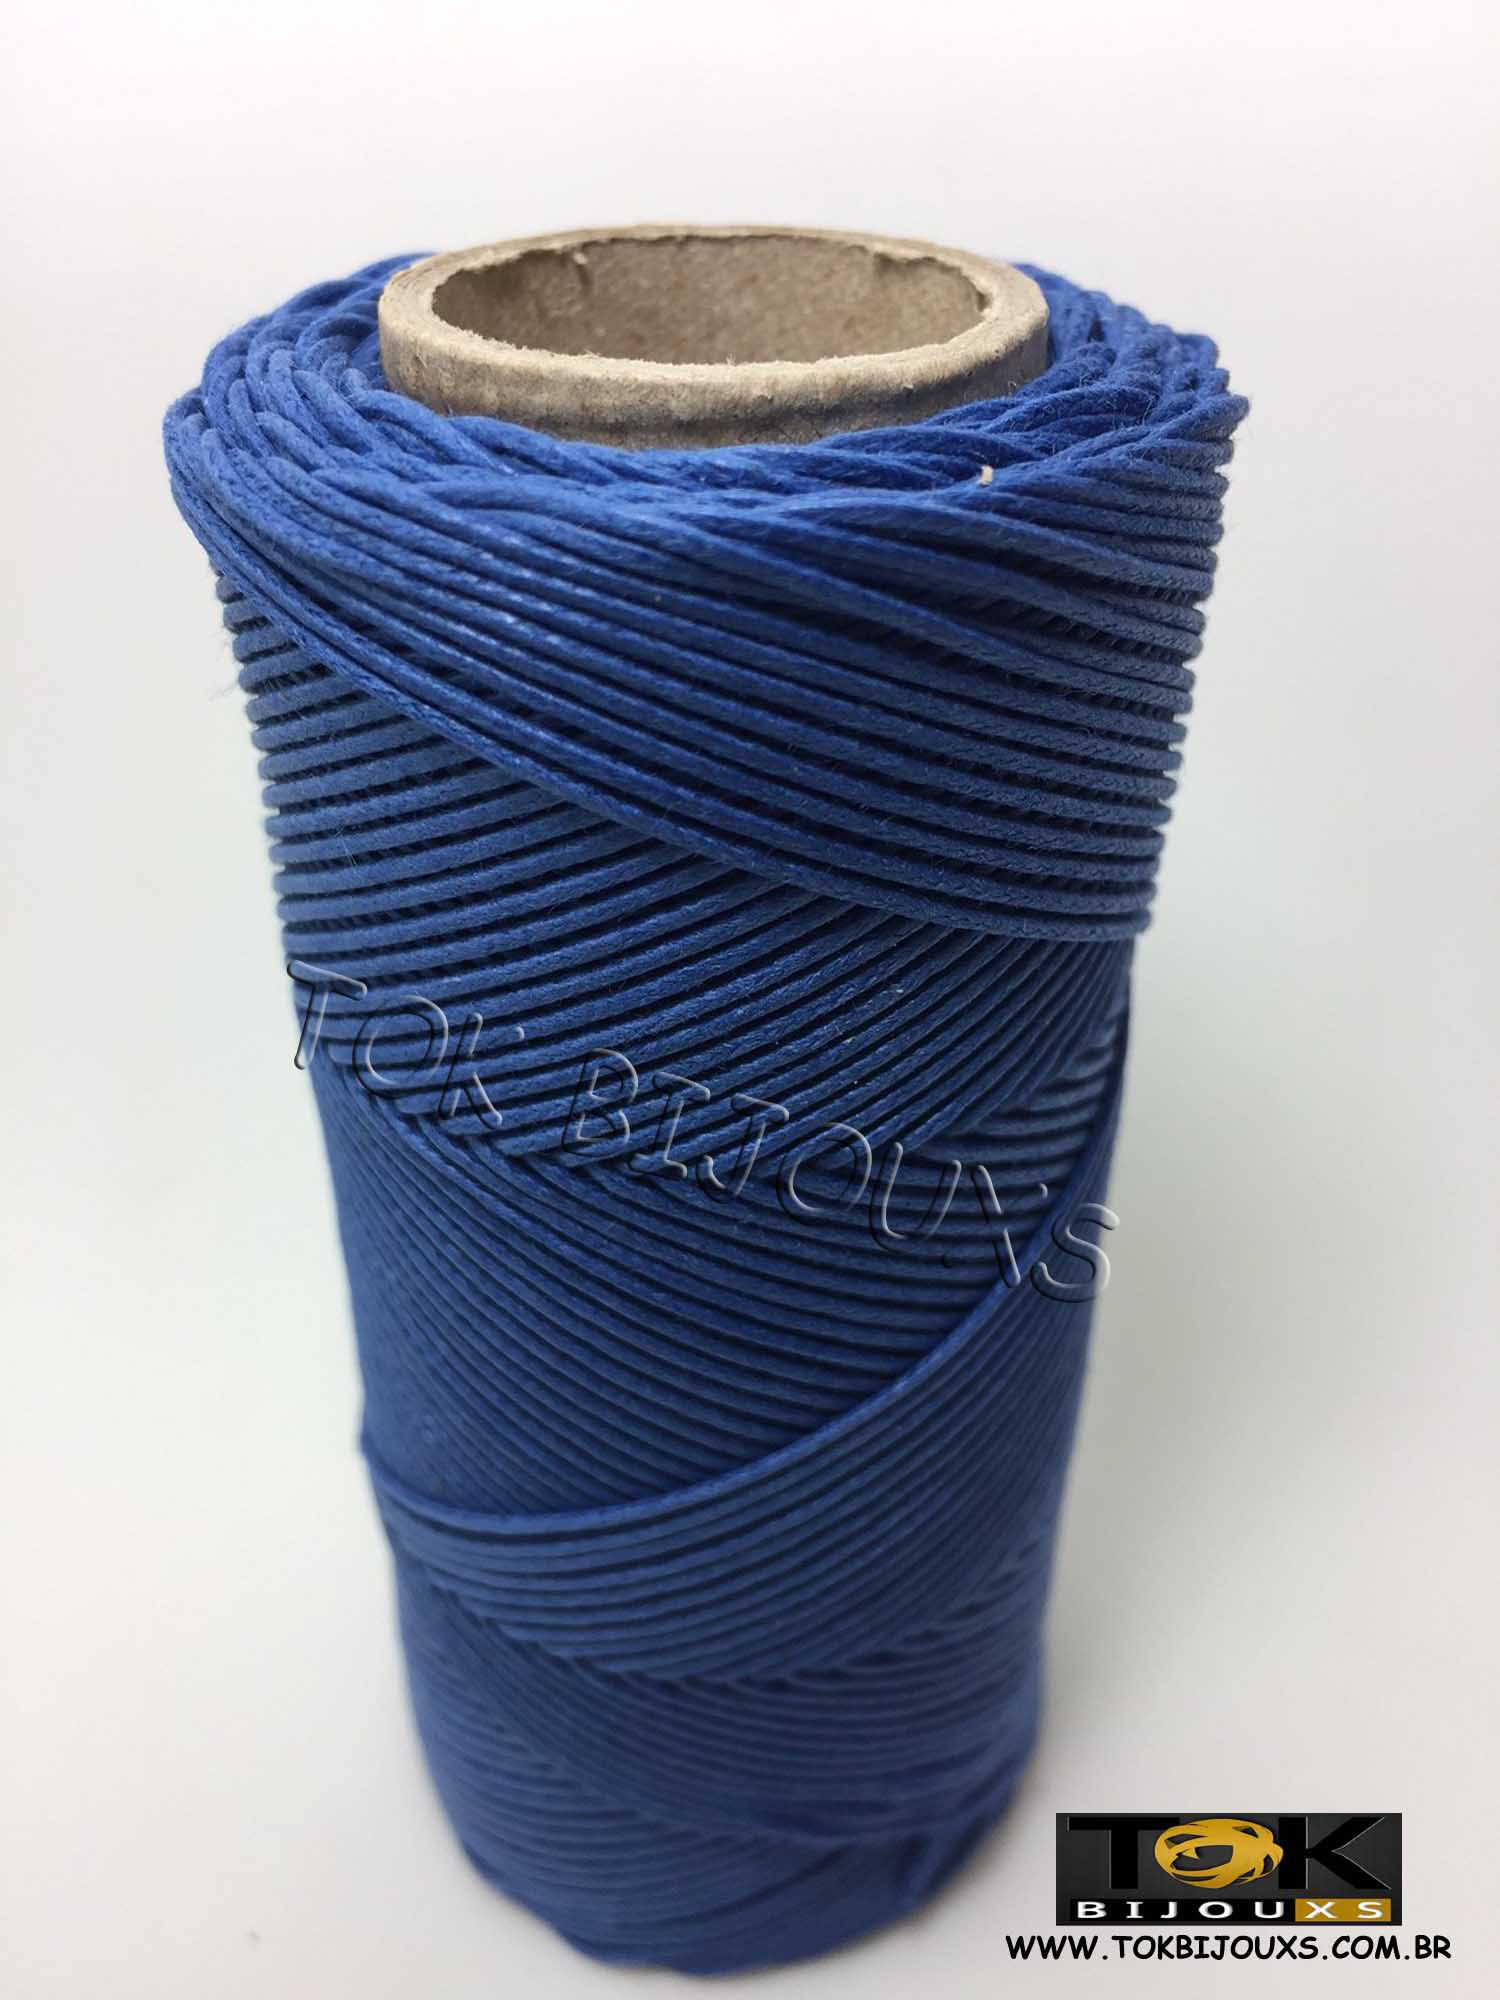 Cordão Encerado Algodão - 1mm - Azul Royal